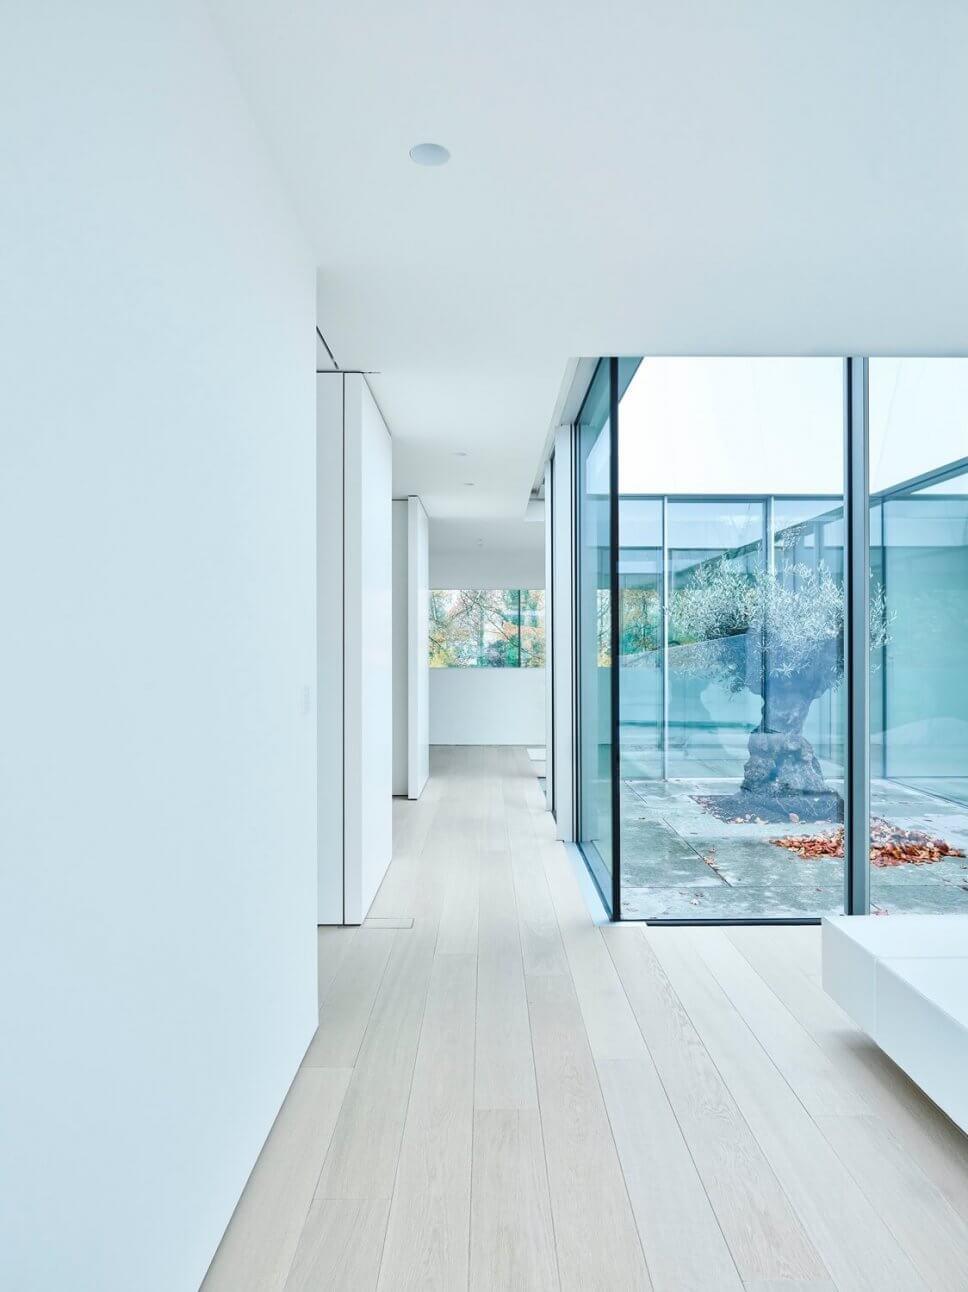 Flur im modernen Haus mit großen Fenstern